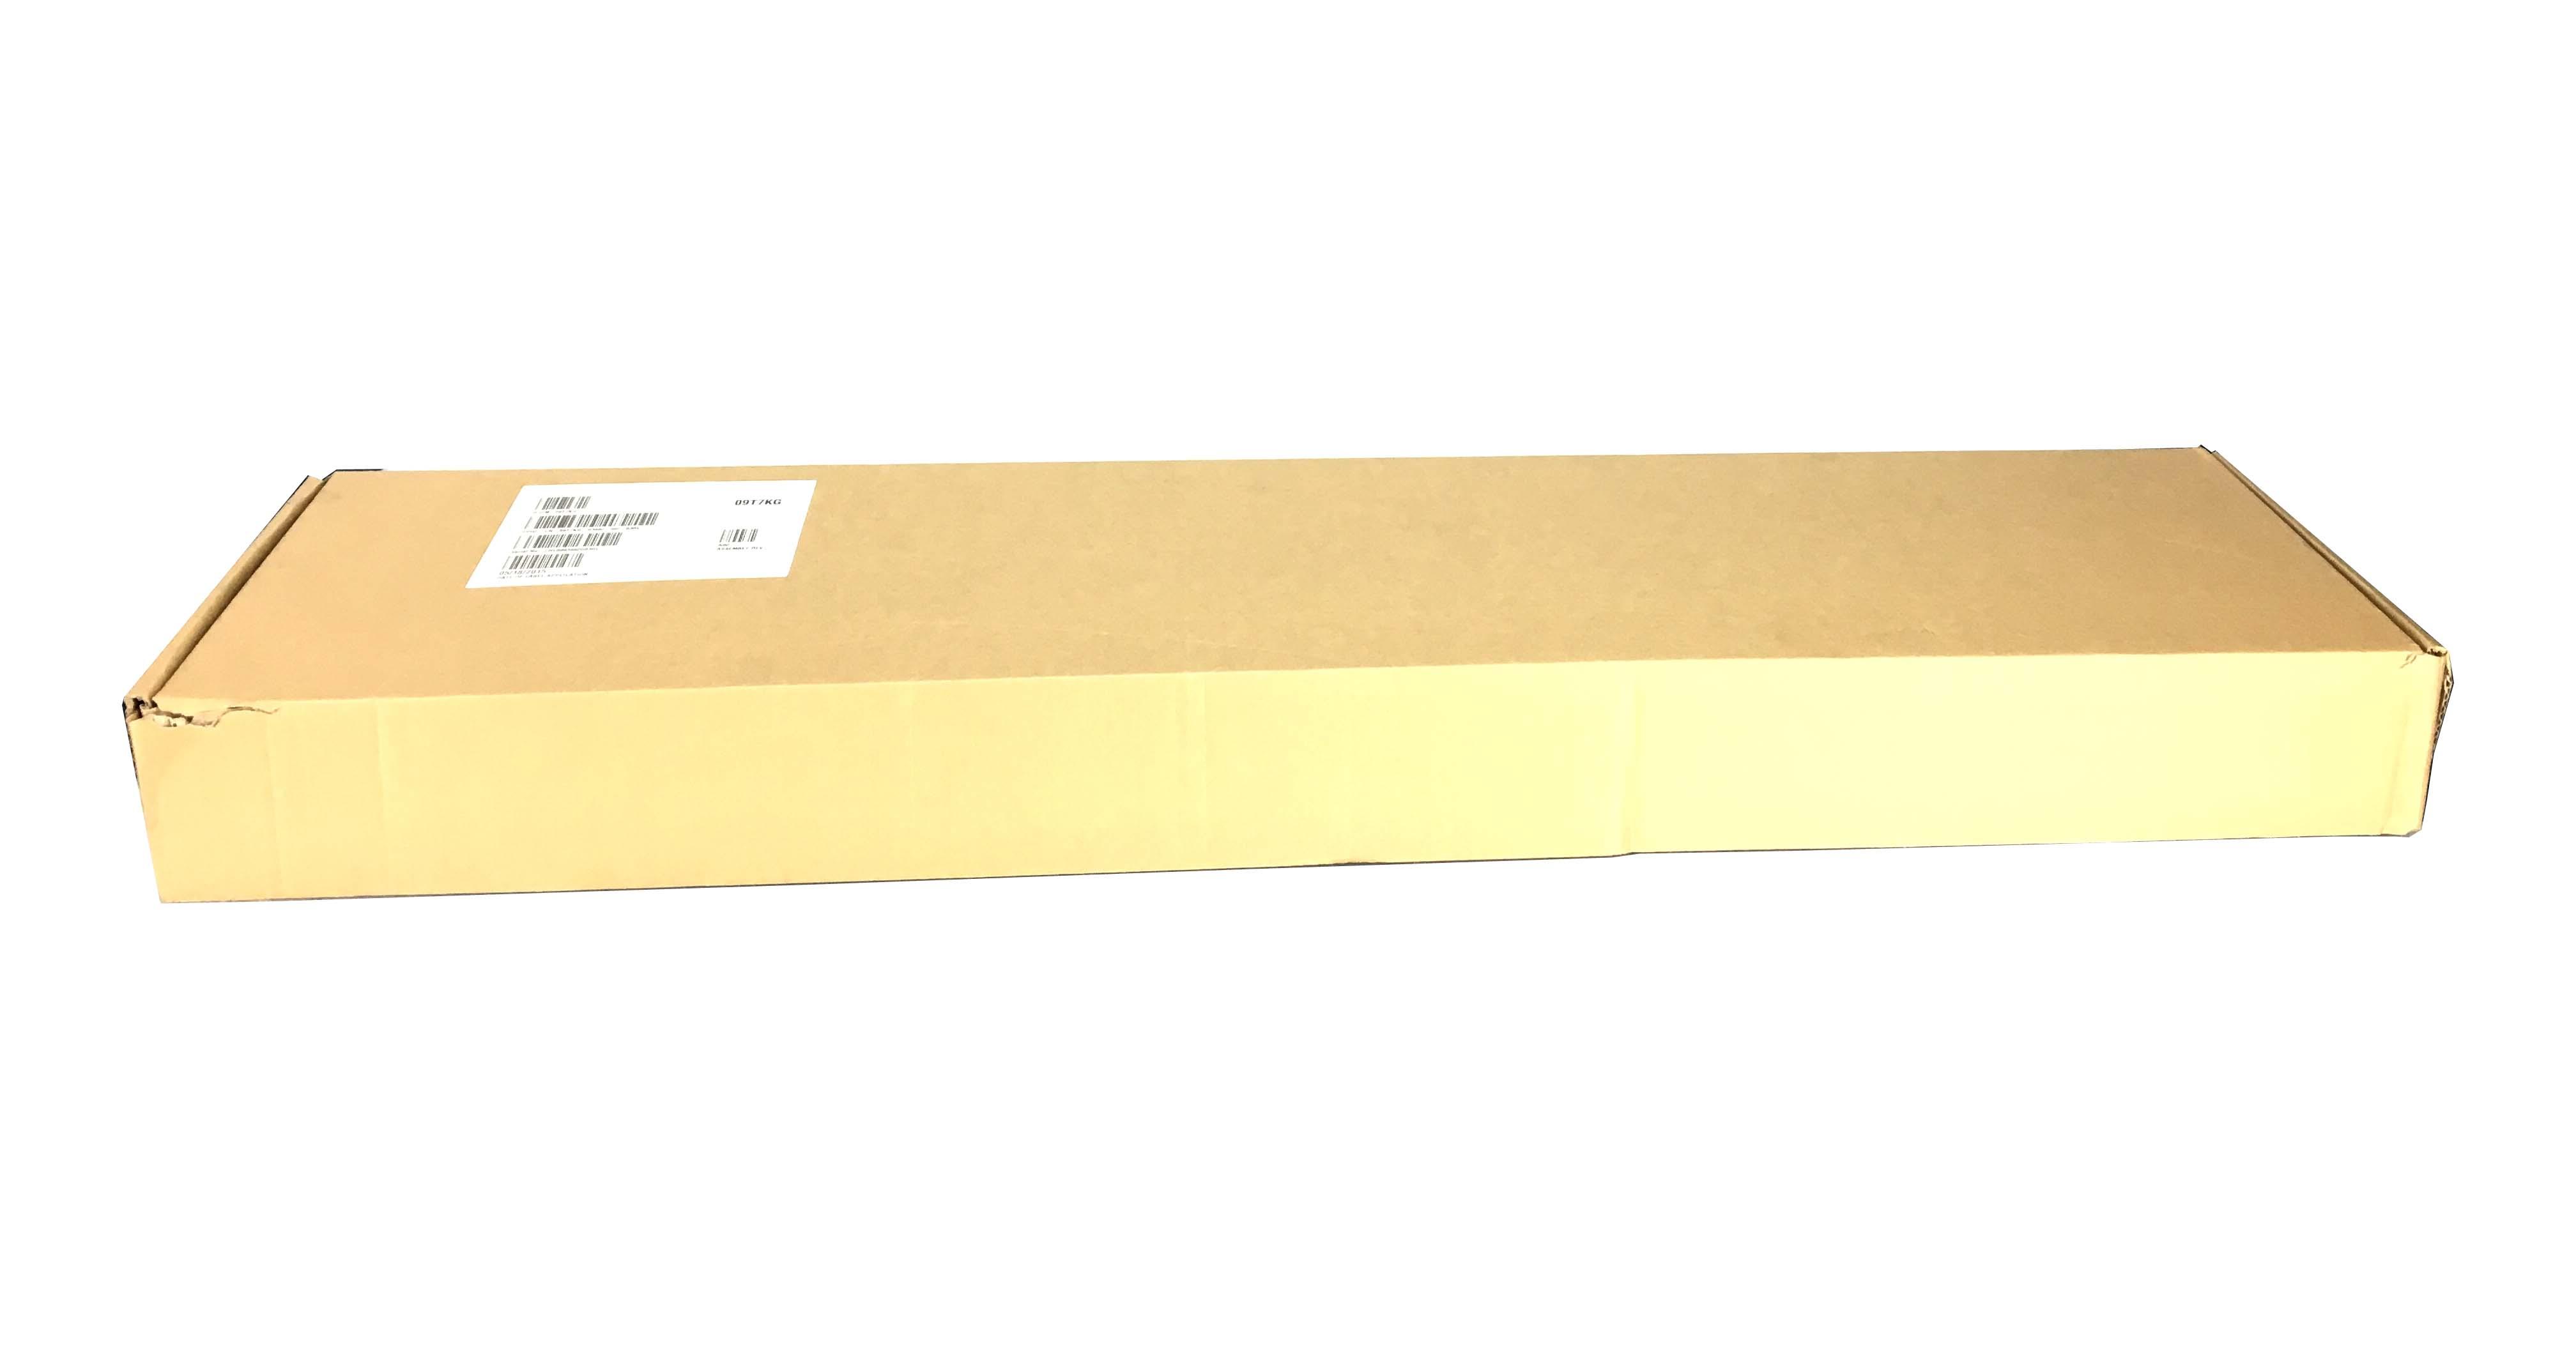 Dell Scv2080 / Equallogic PS6610 5U Static Rail Kit For 4-Post Racks (9T7KG)